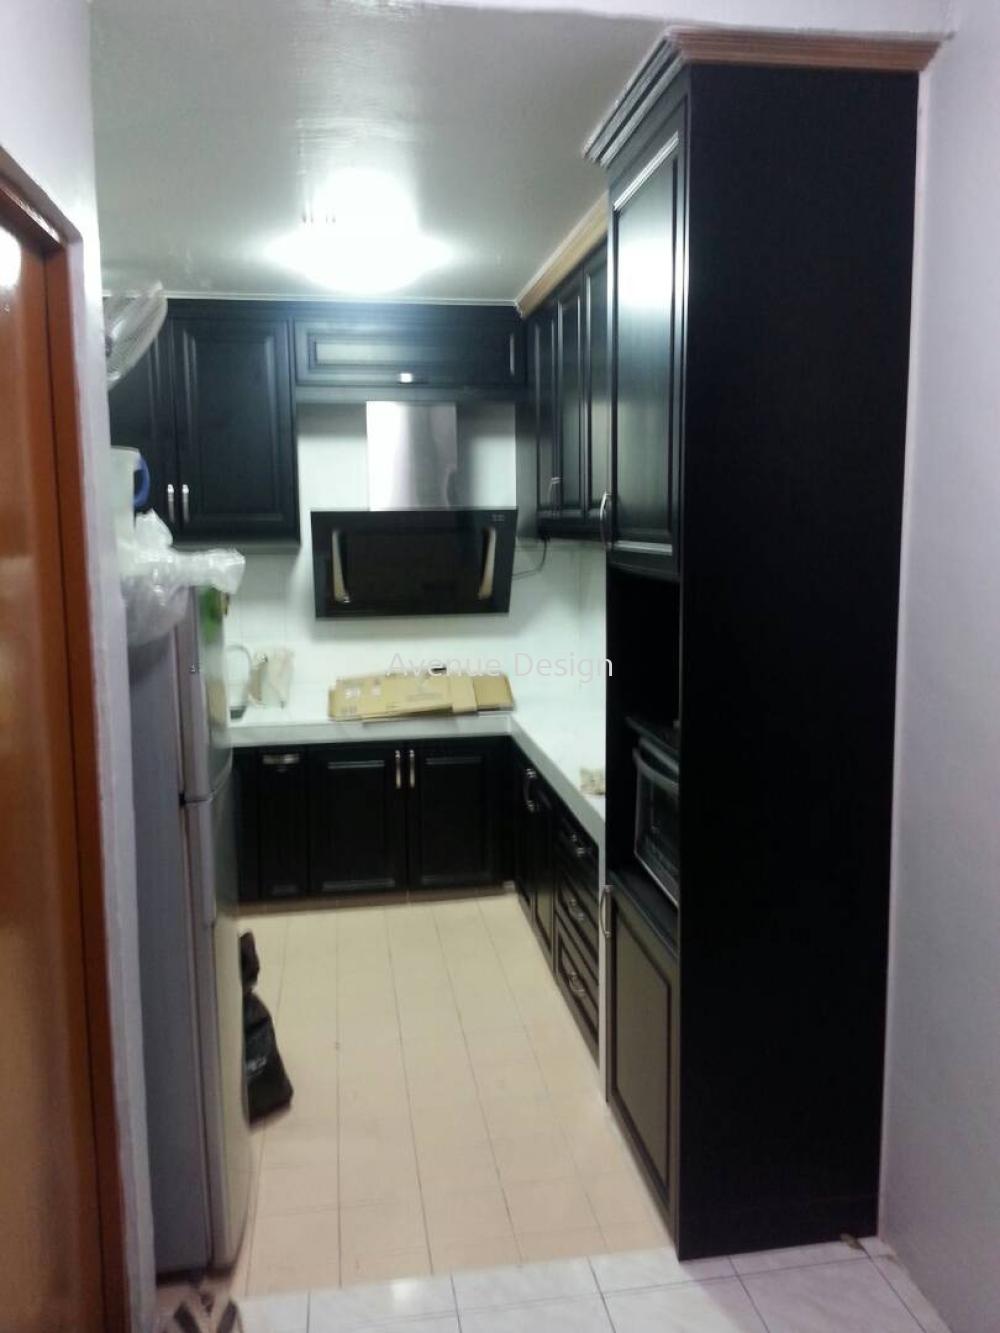 SERDANG(NYATOH) kitchen cabinet Supplier, Supply, Design, Services  ~ Avenue Kitchen Cabinet